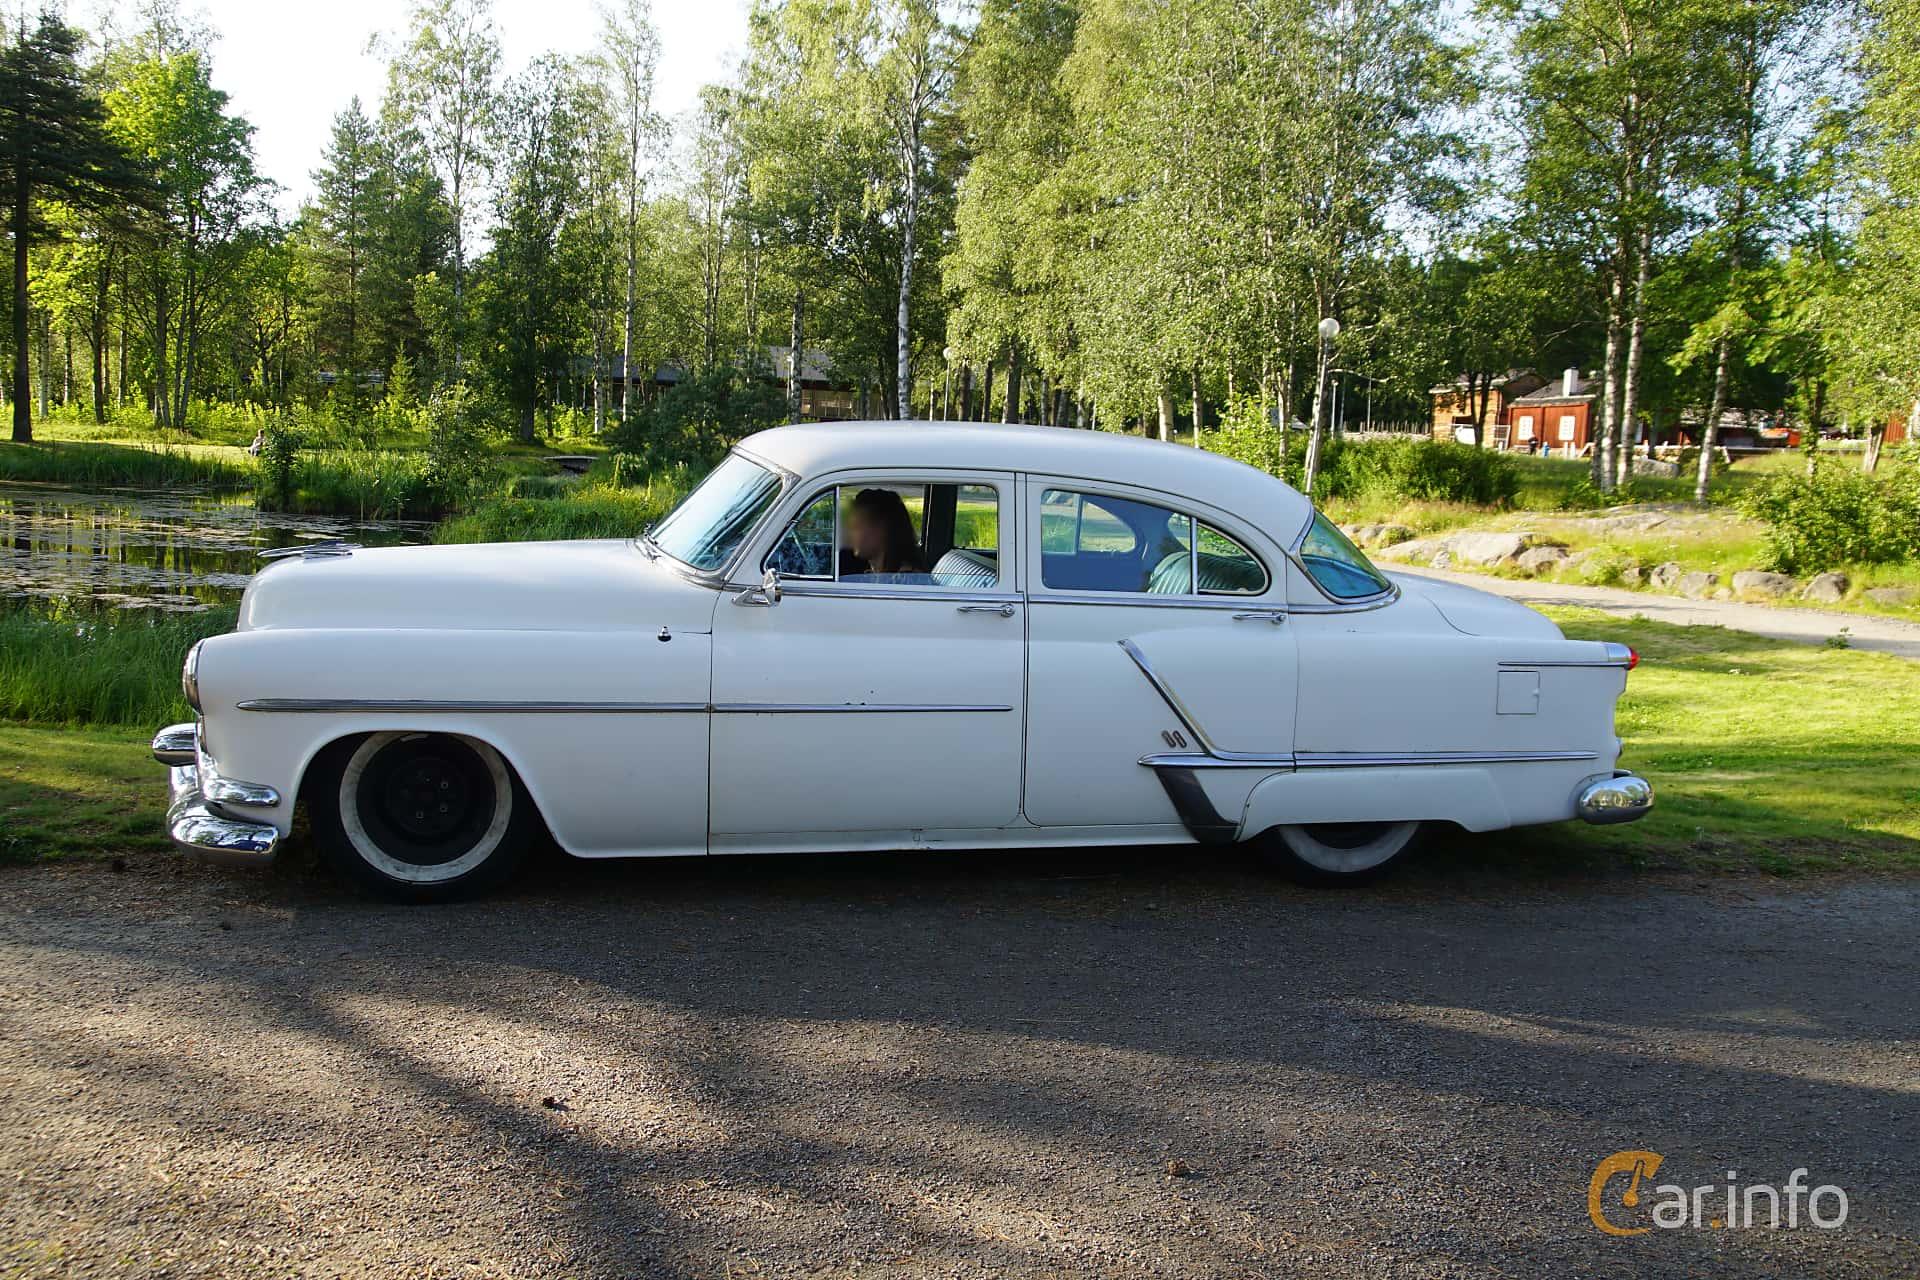 Side  of Oldsmobile Super 88 4-door Sedan 5.0 V8 Hydra-Matic, 167ps, 1953 at Onsdagsträffar på Gammlia Umeå 2019 vecka 28